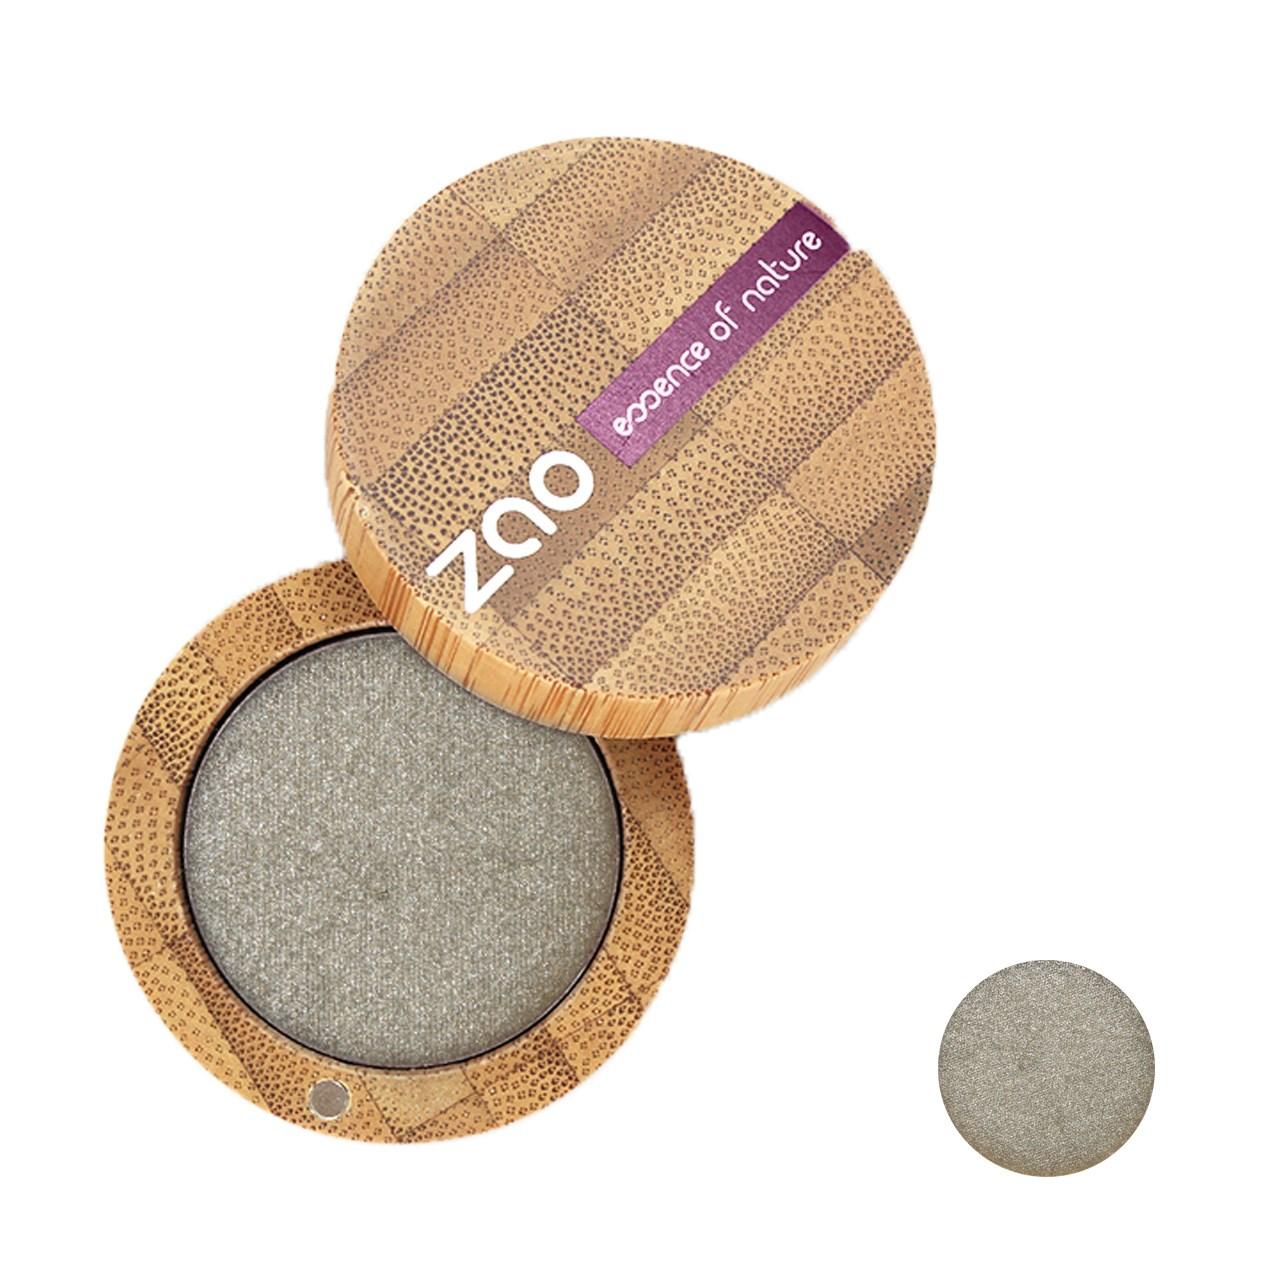 سایه چشم زاو مدل صدفی ضد حساسیت شماره 108